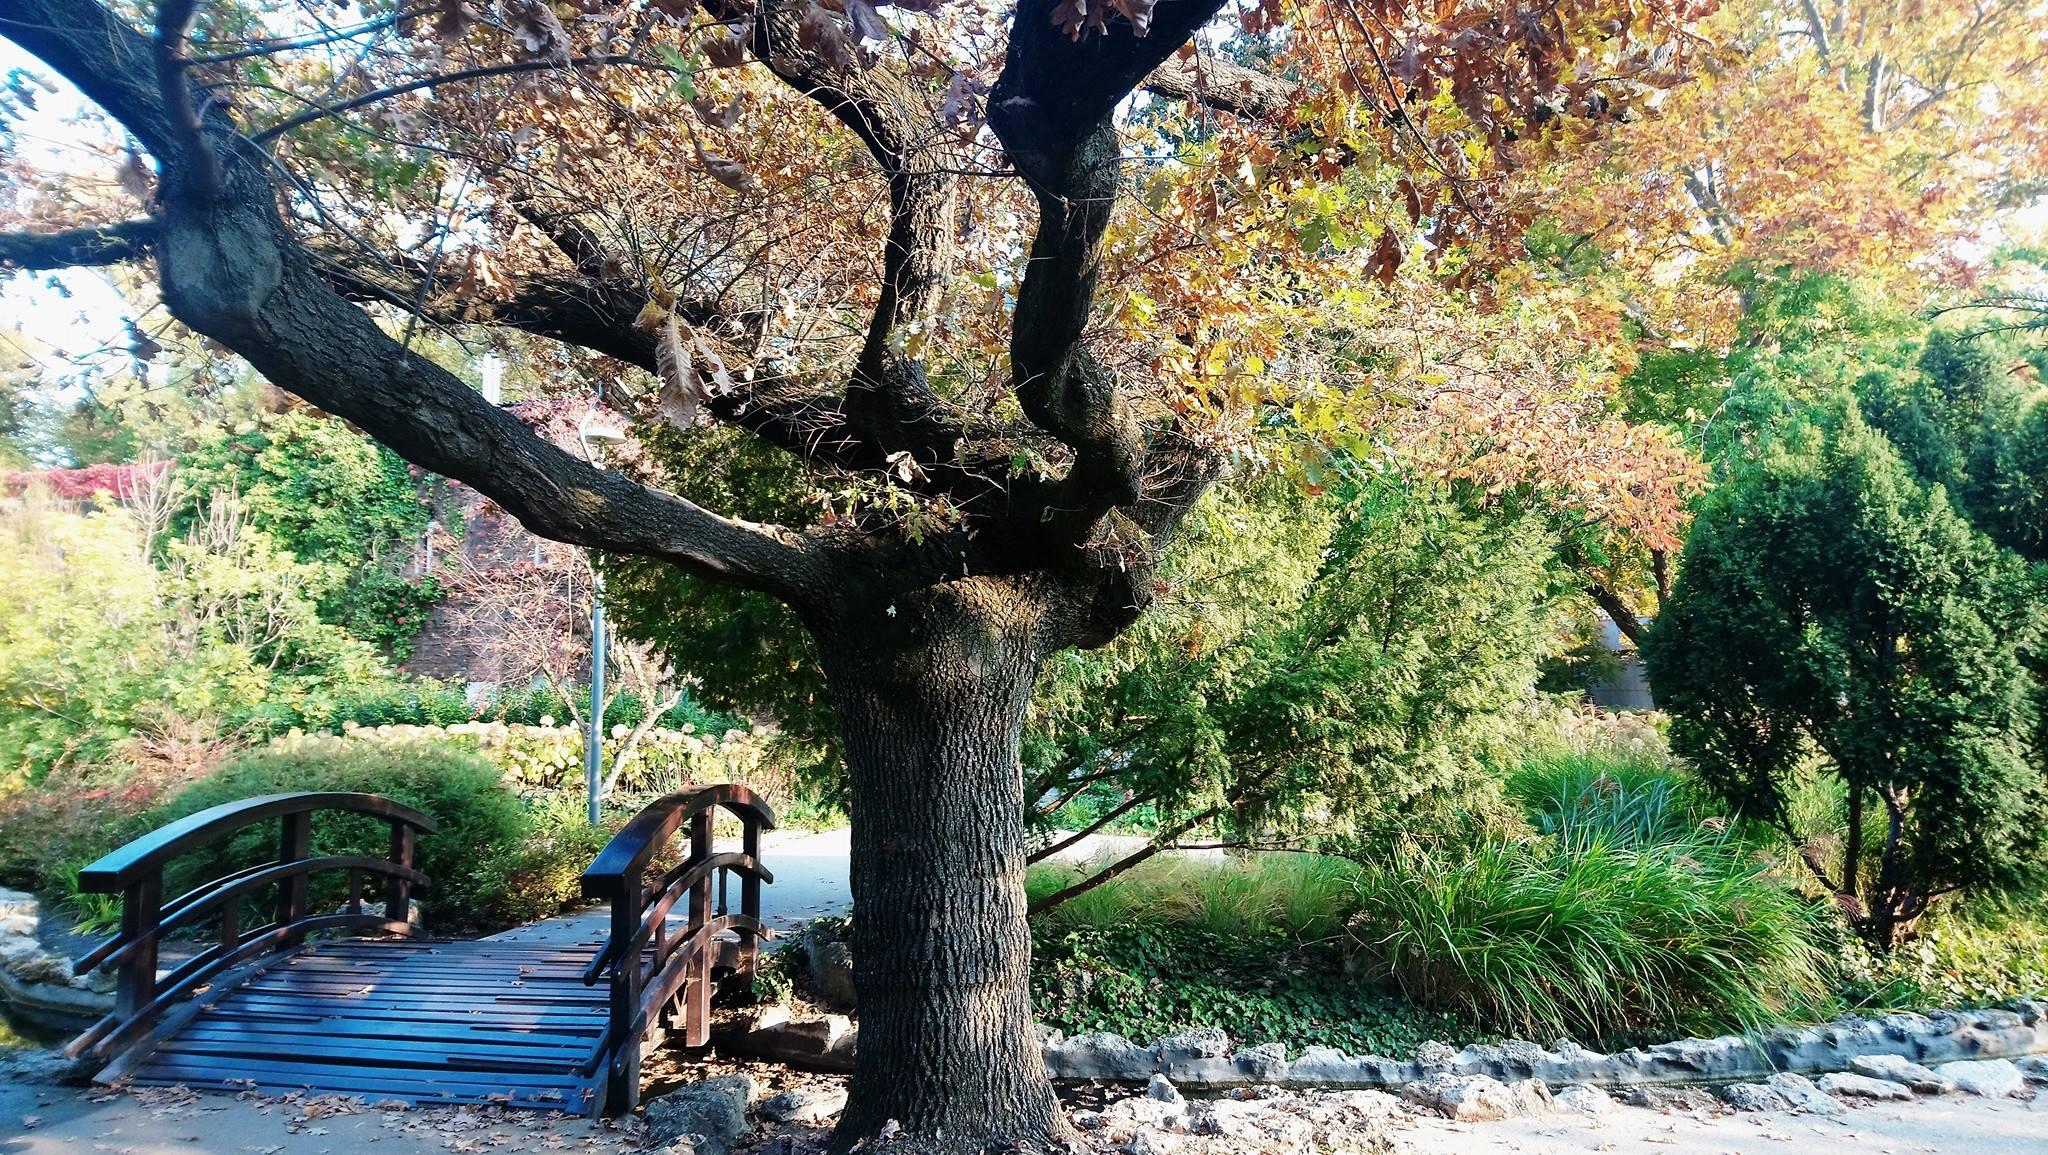 jardin japonais sur l'île marguerite